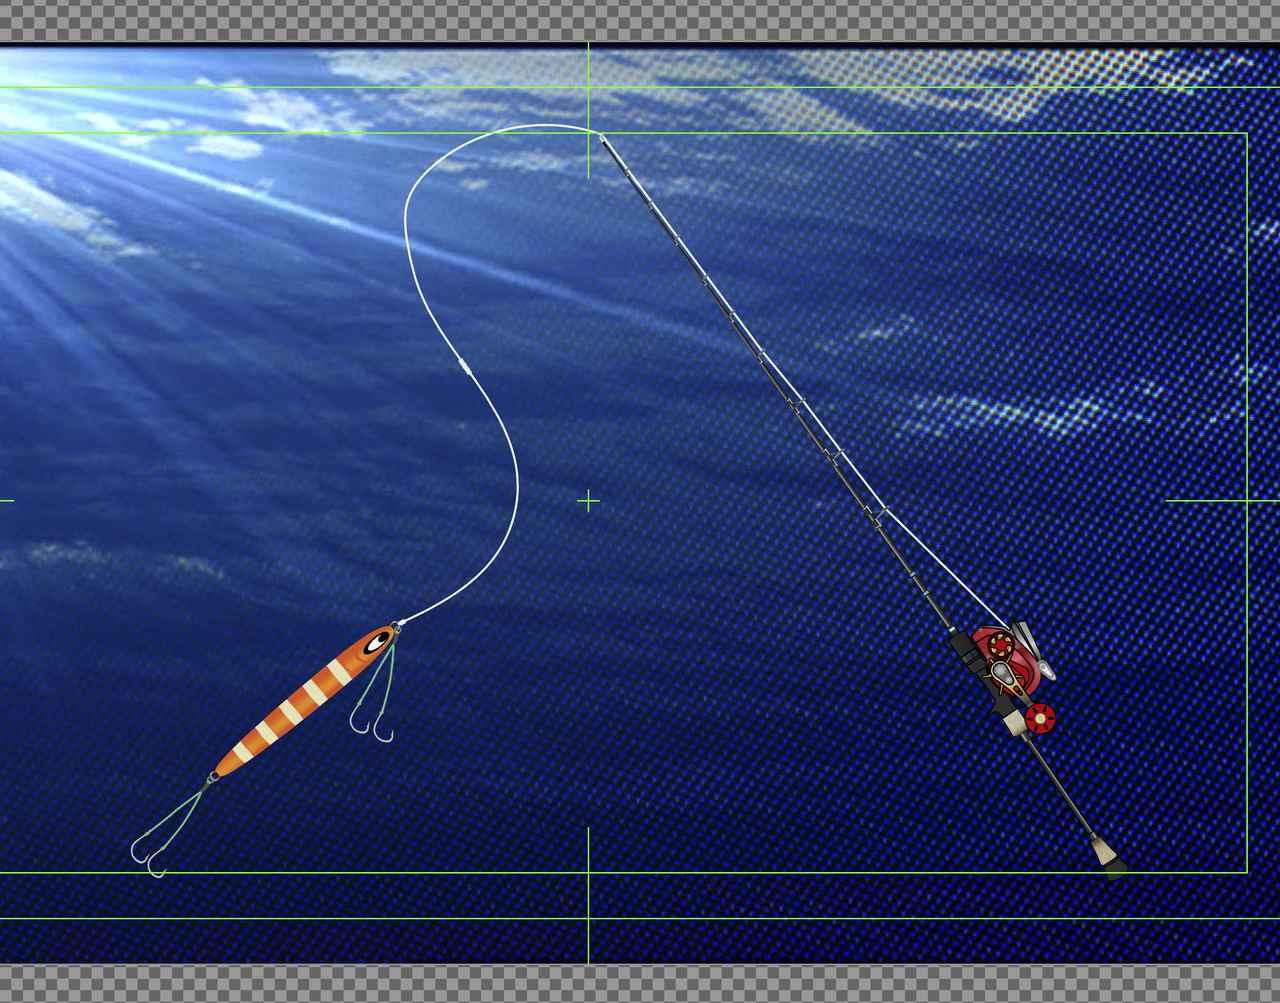 画像: 番組で使用した釣具を紹介している図